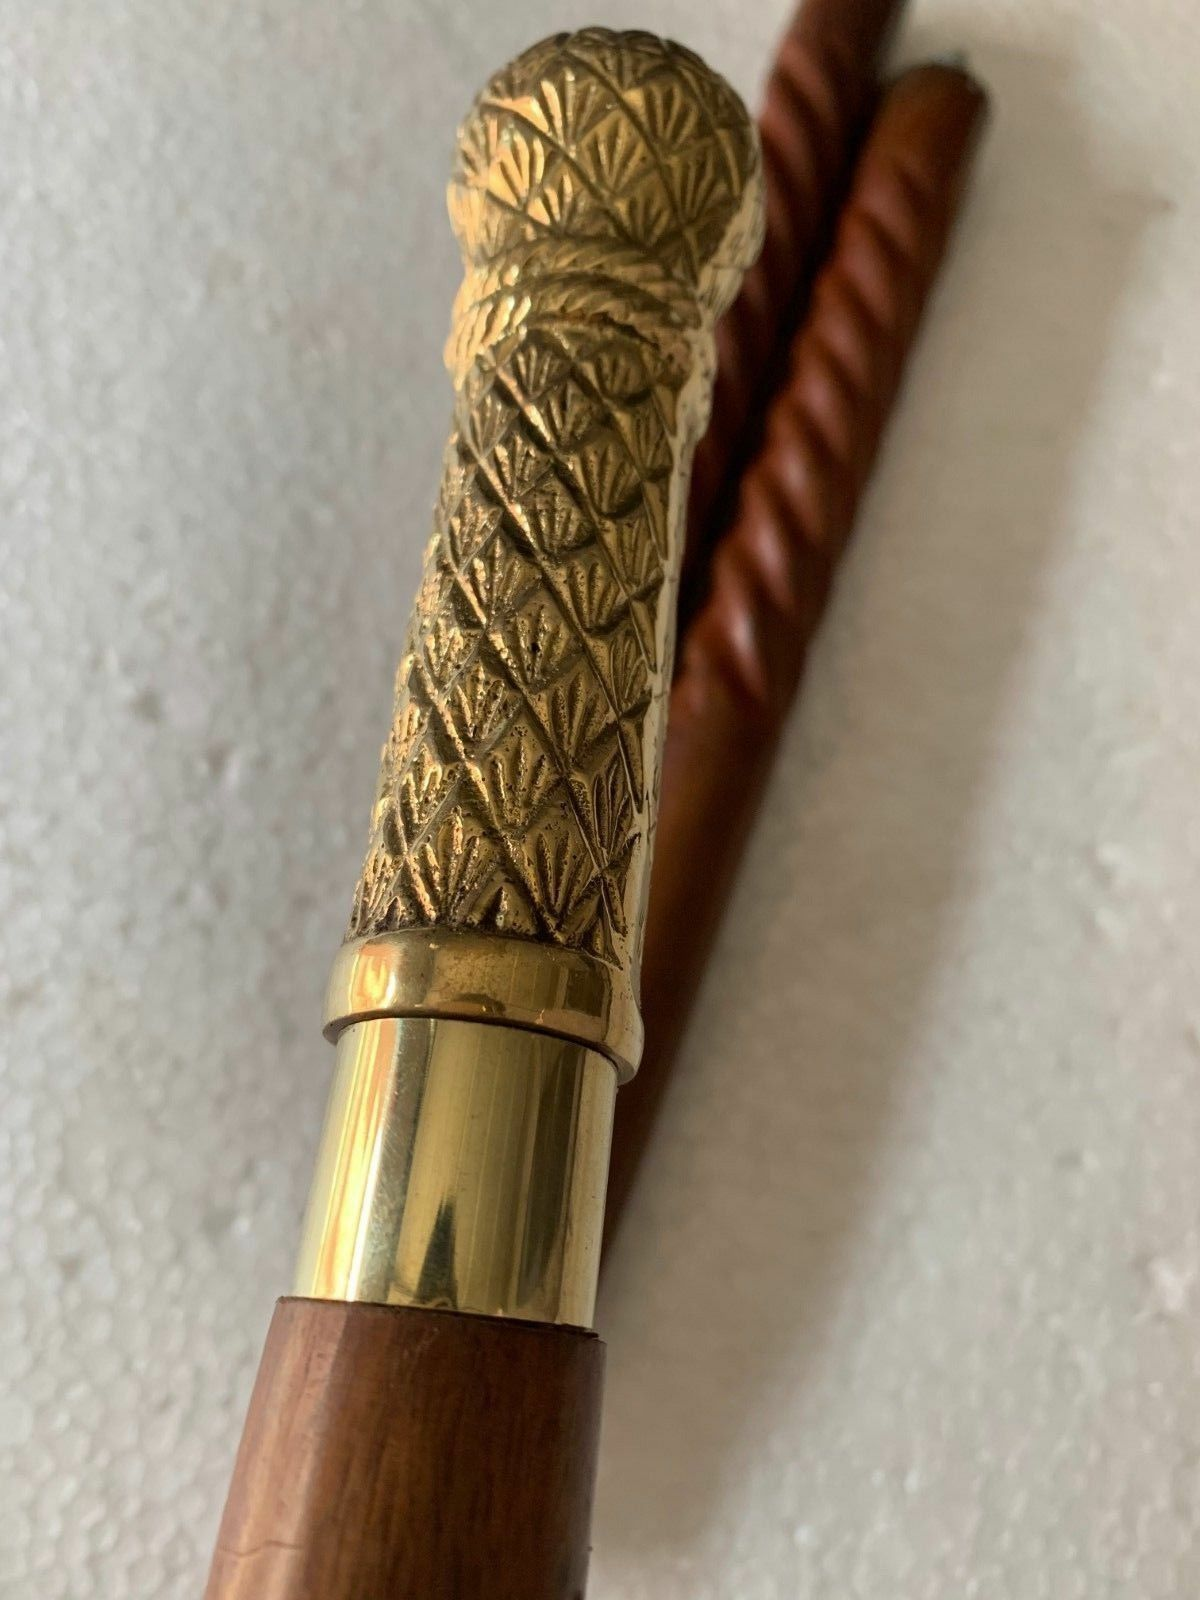 Designer Victorian Handle Canes Wooden Spiral Antique Walking Stick Carved 37